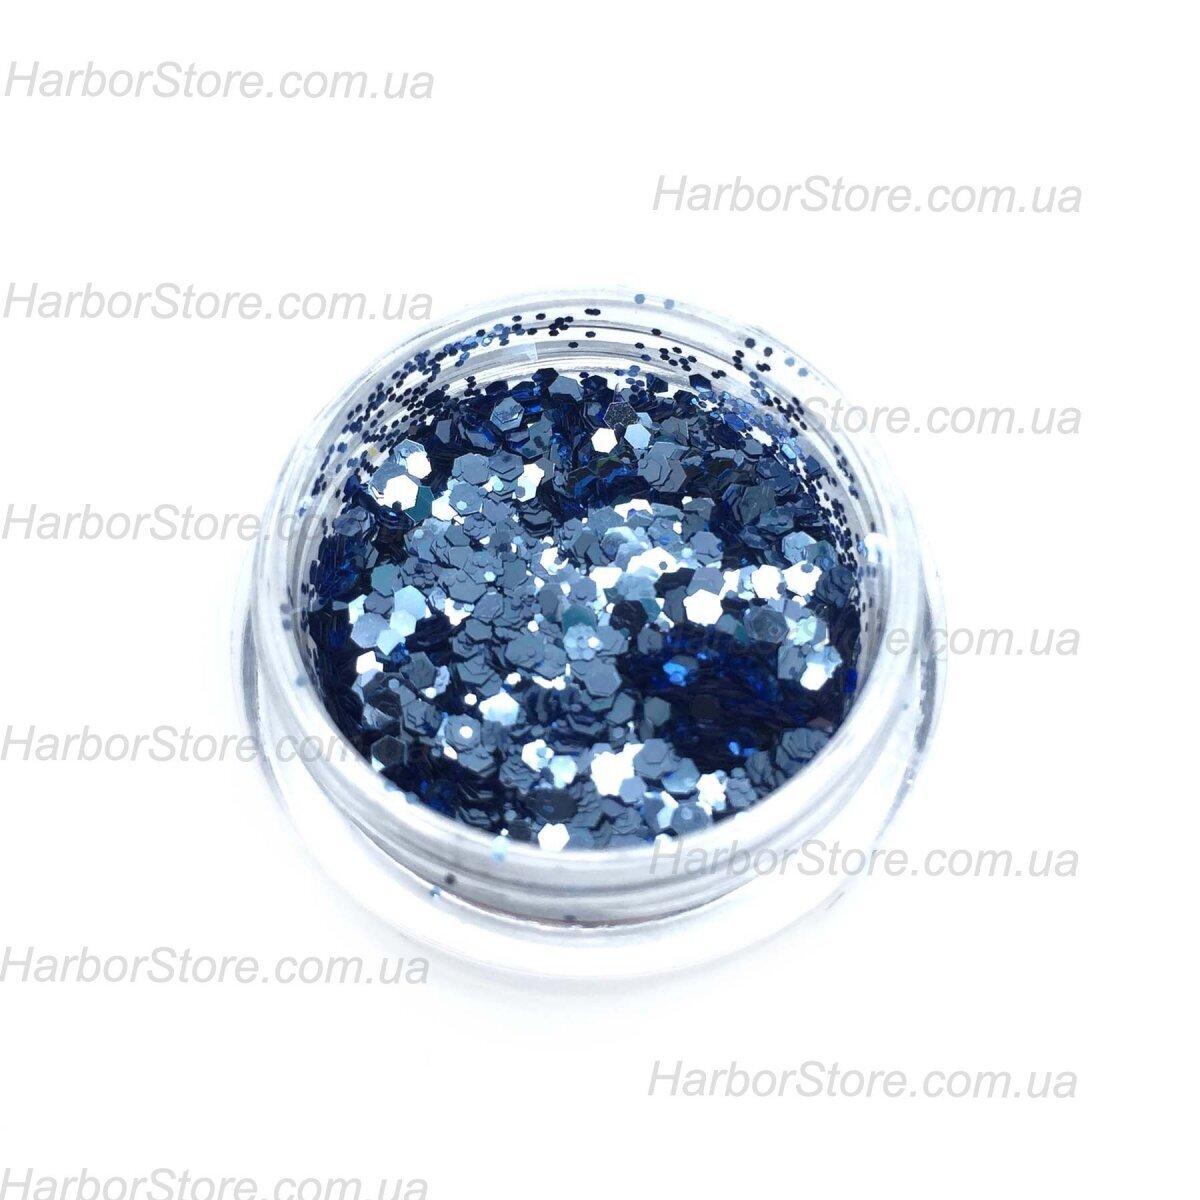 Блестки однотонные шестигранники, серо-голубые